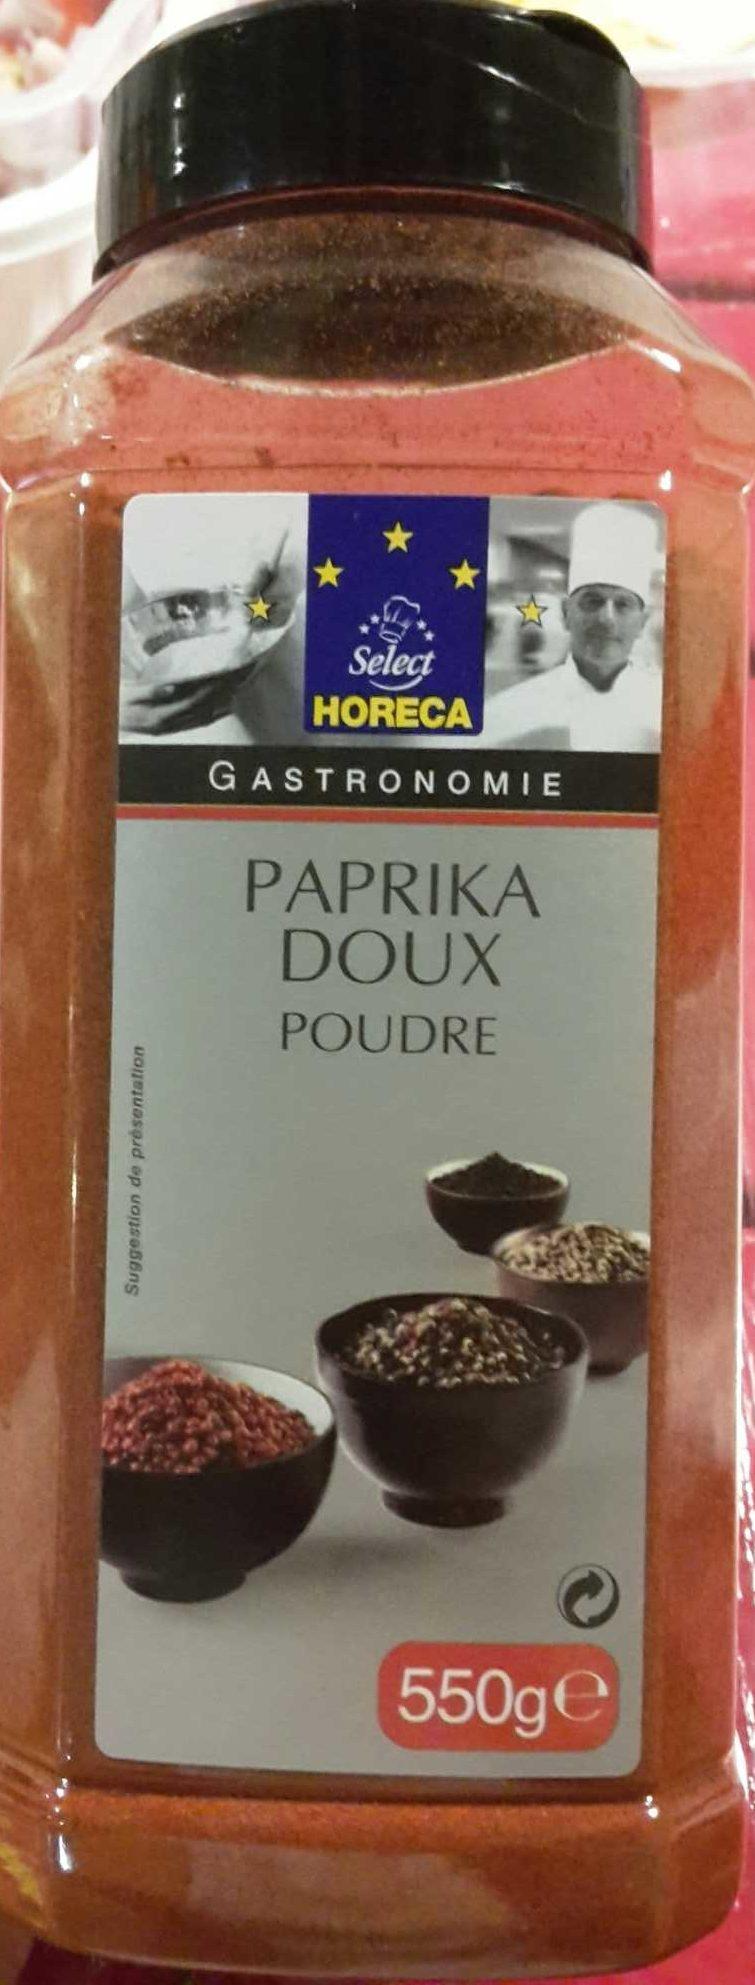 Paprika Doux Poudre - Product - fr